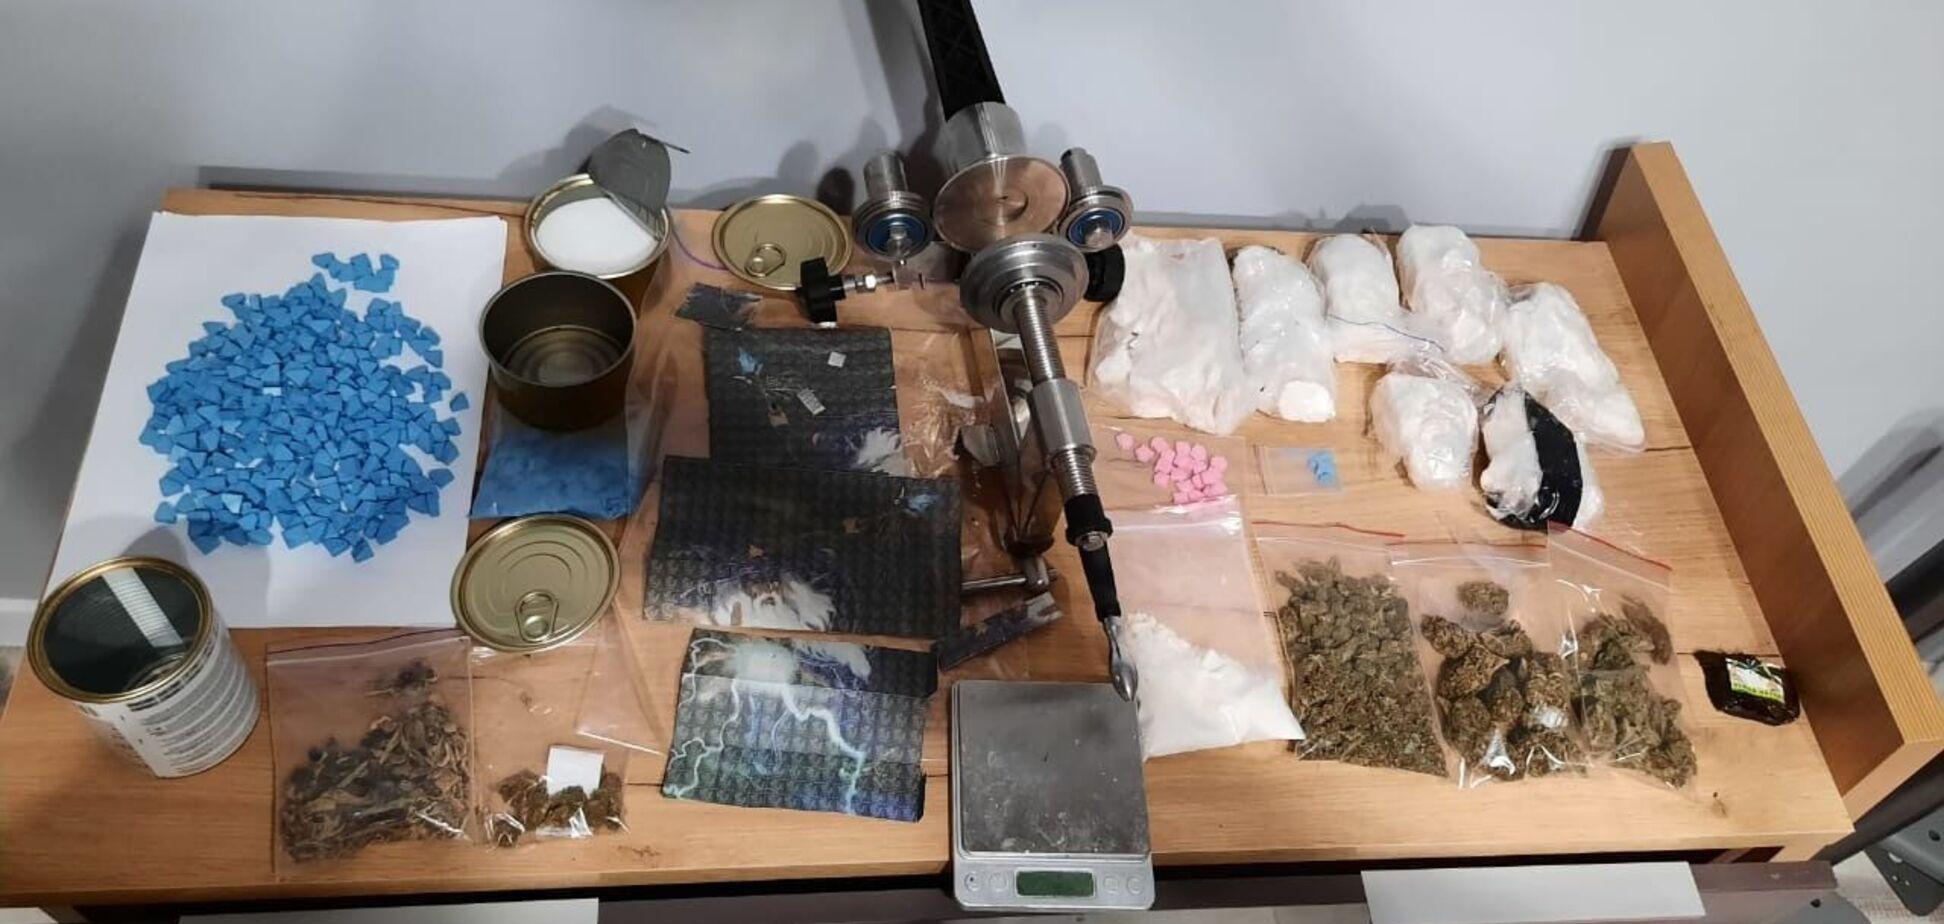 У Києві в чоловіка вилучили наркотиків на суму близько 5 млн грн